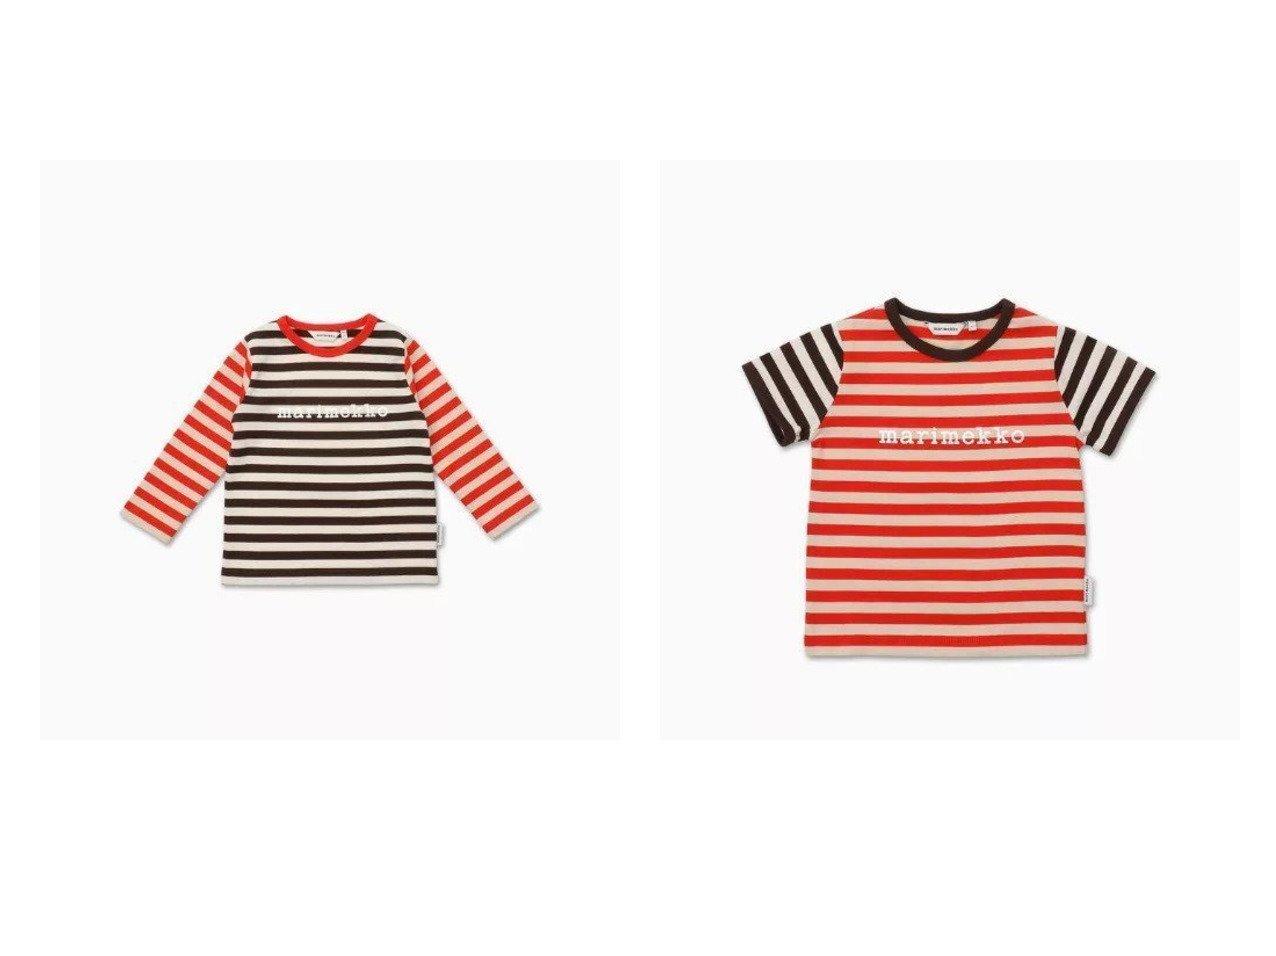 【marimekko / KIDS/マリメッコ】の[Kids]Vede Tasaraita 1 Tシャツ&[Kids]Leuto Tasaraita 1 Tシャツ 【KIDS】子供服のおすすめ!人気トレンド・キッズファッションの通販  おすすめで人気の流行・トレンド、ファッションの通販商品 メンズファッション・キッズファッション・インテリア・家具・レディースファッション・服の通販 founy(ファニー) https://founy.com/ ファッション Fashion キッズファッション KIDS トップス・カットソー Tops/Tees/Kids ジャージー パターン フロント ボーダー クール 長袖  ID:crp329100000027203